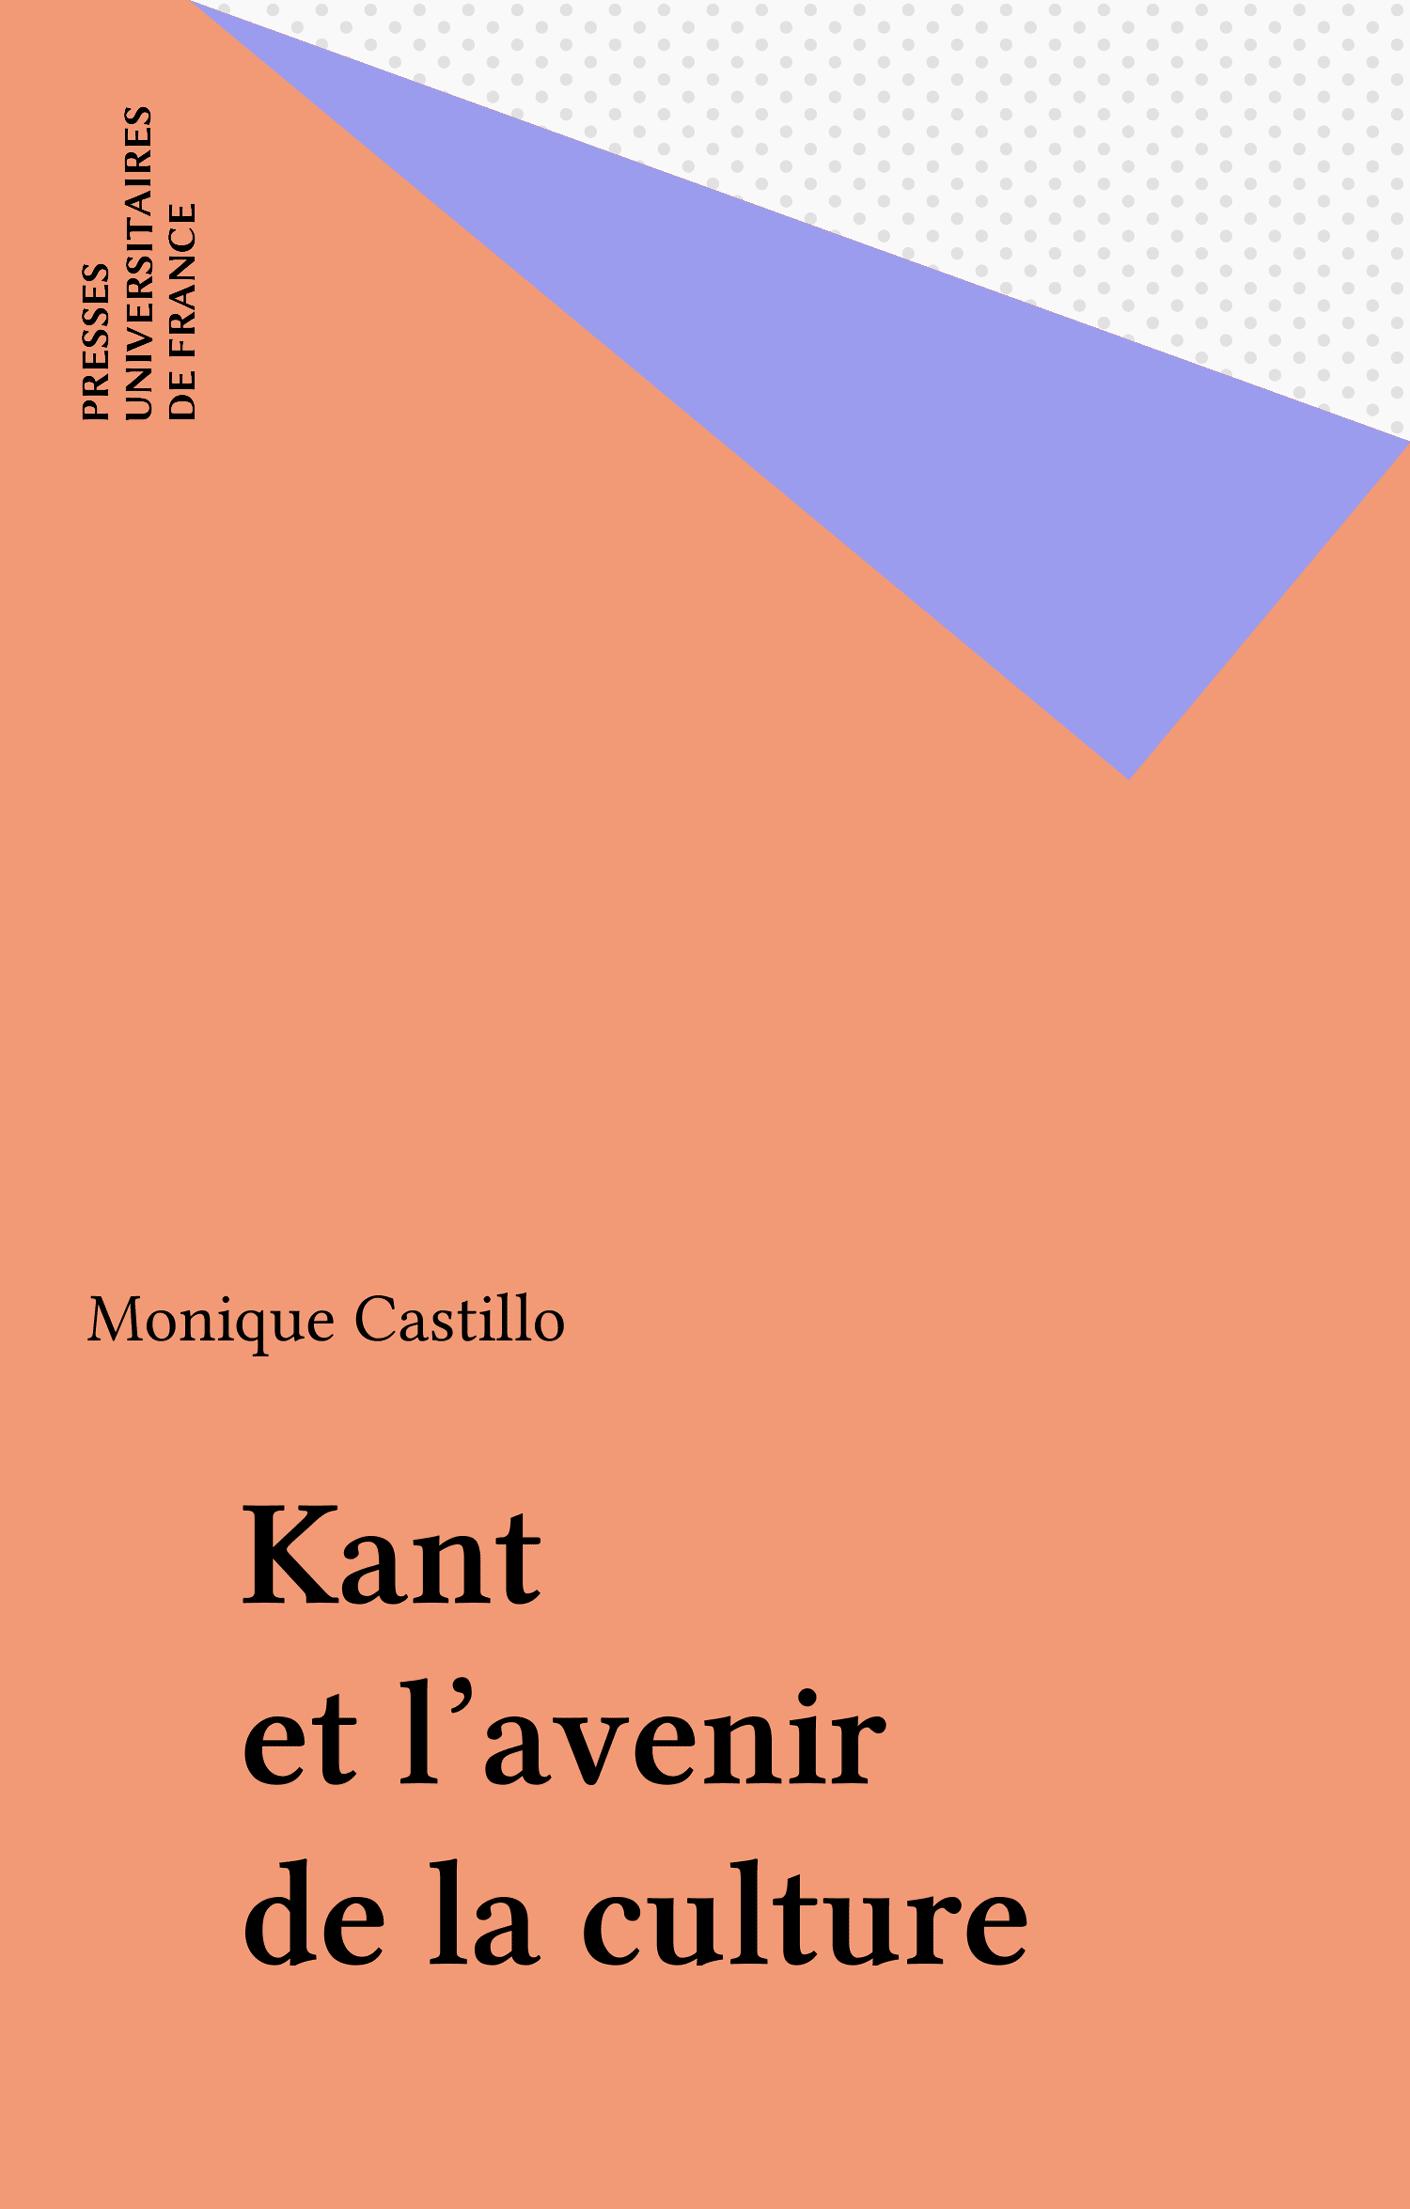 Kant et l'avenir de la culture